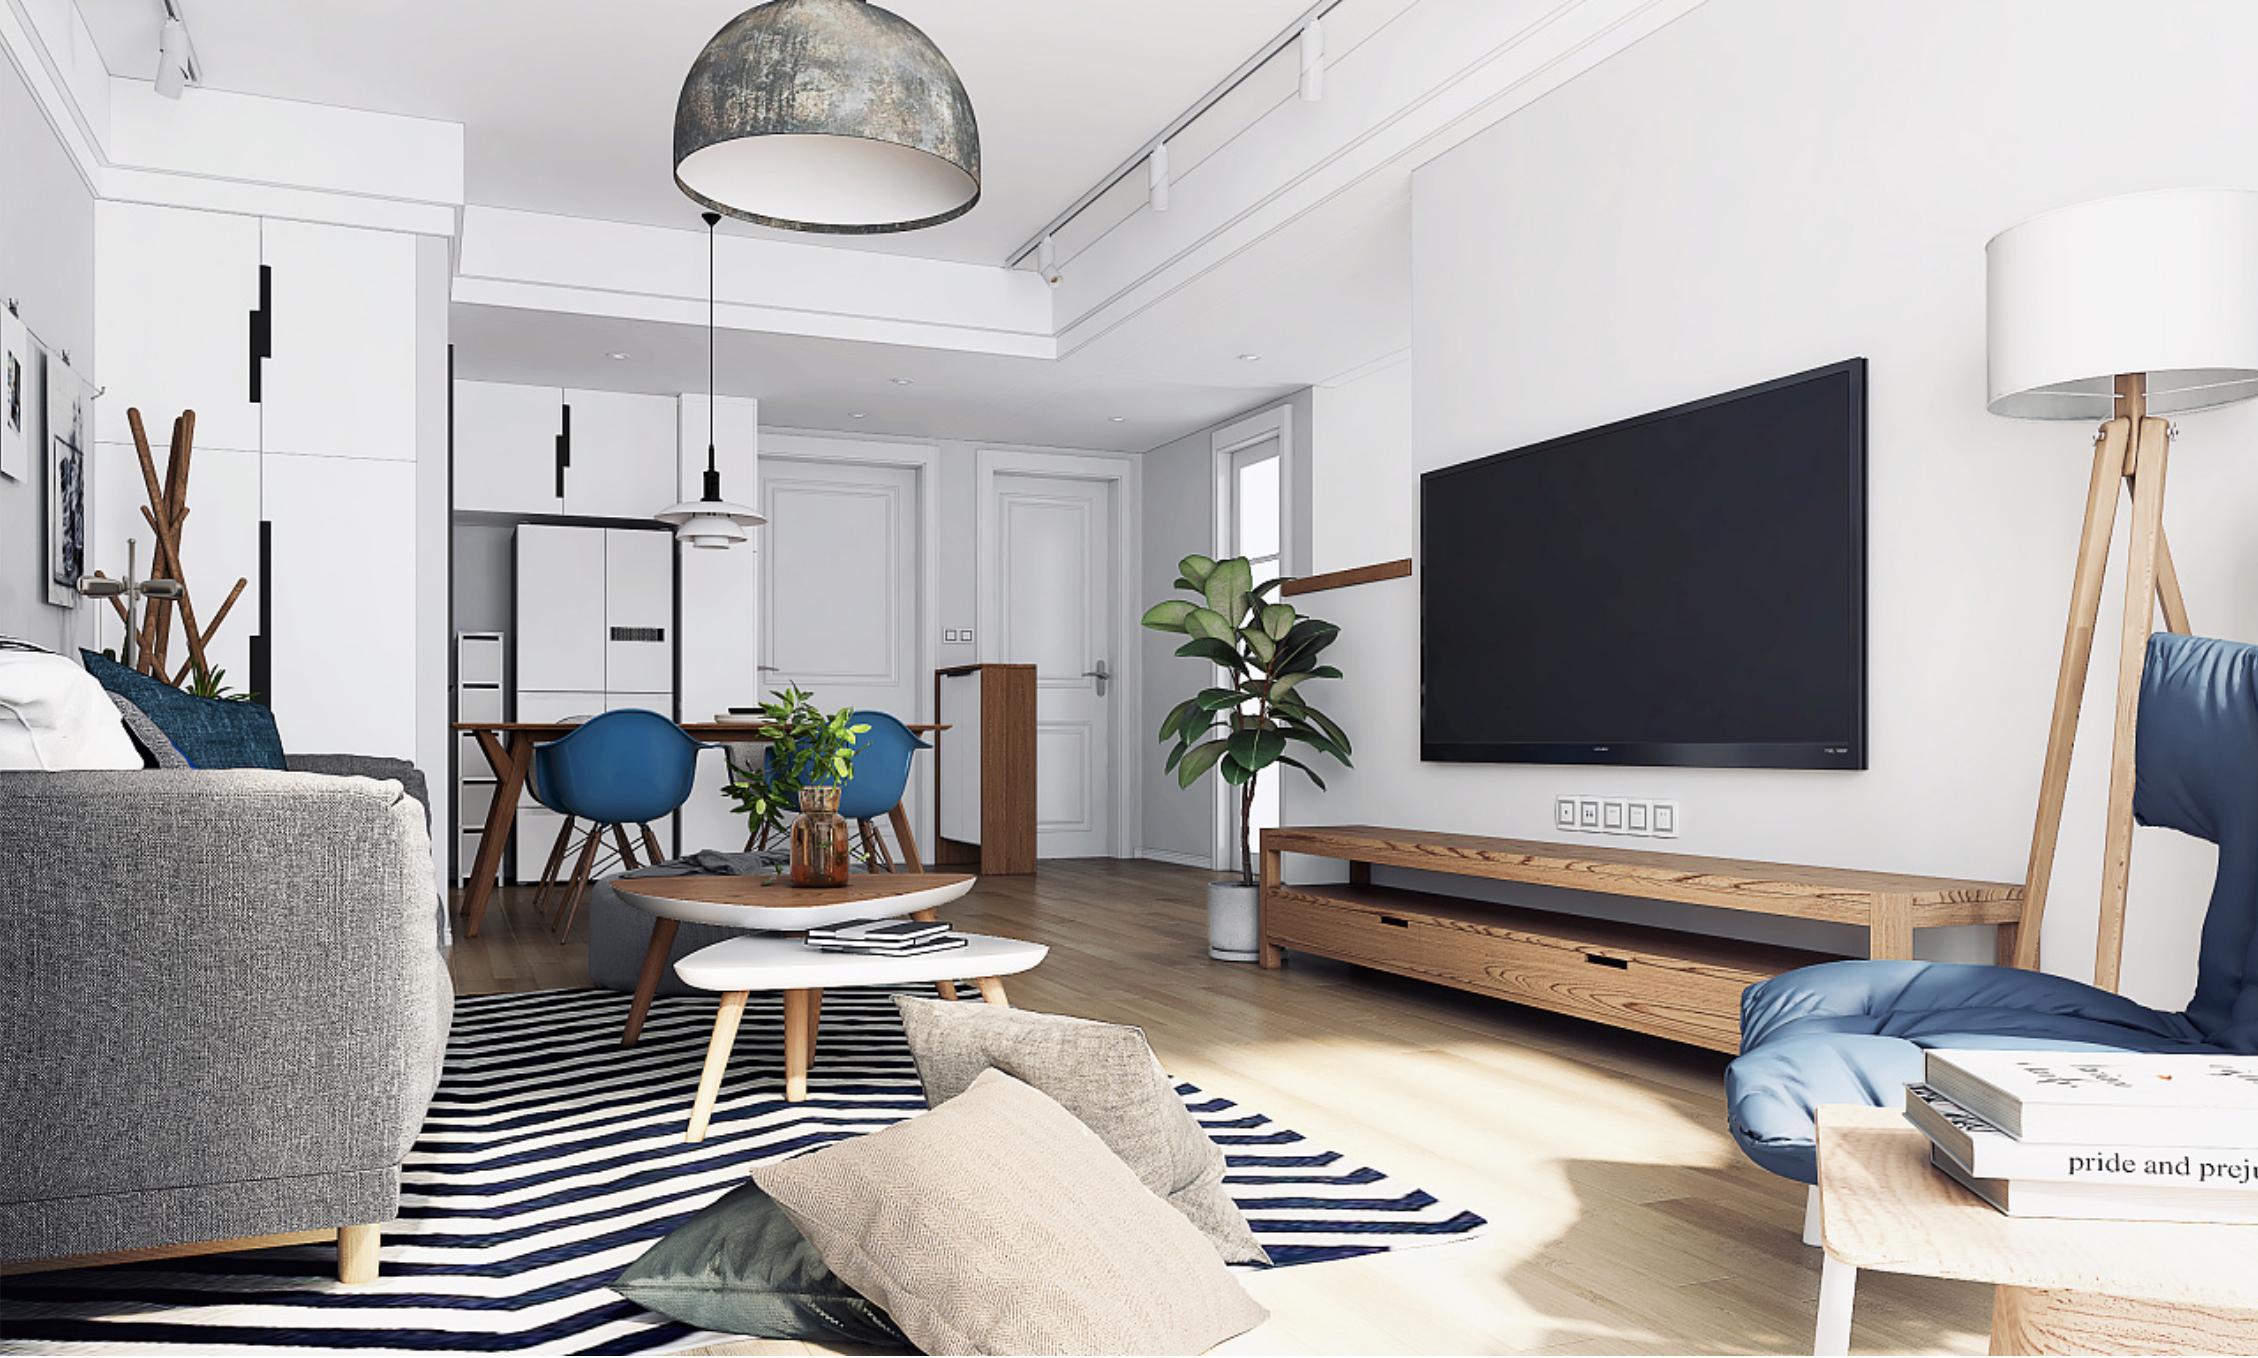 二居室北欧风格客厅装修设计效果图